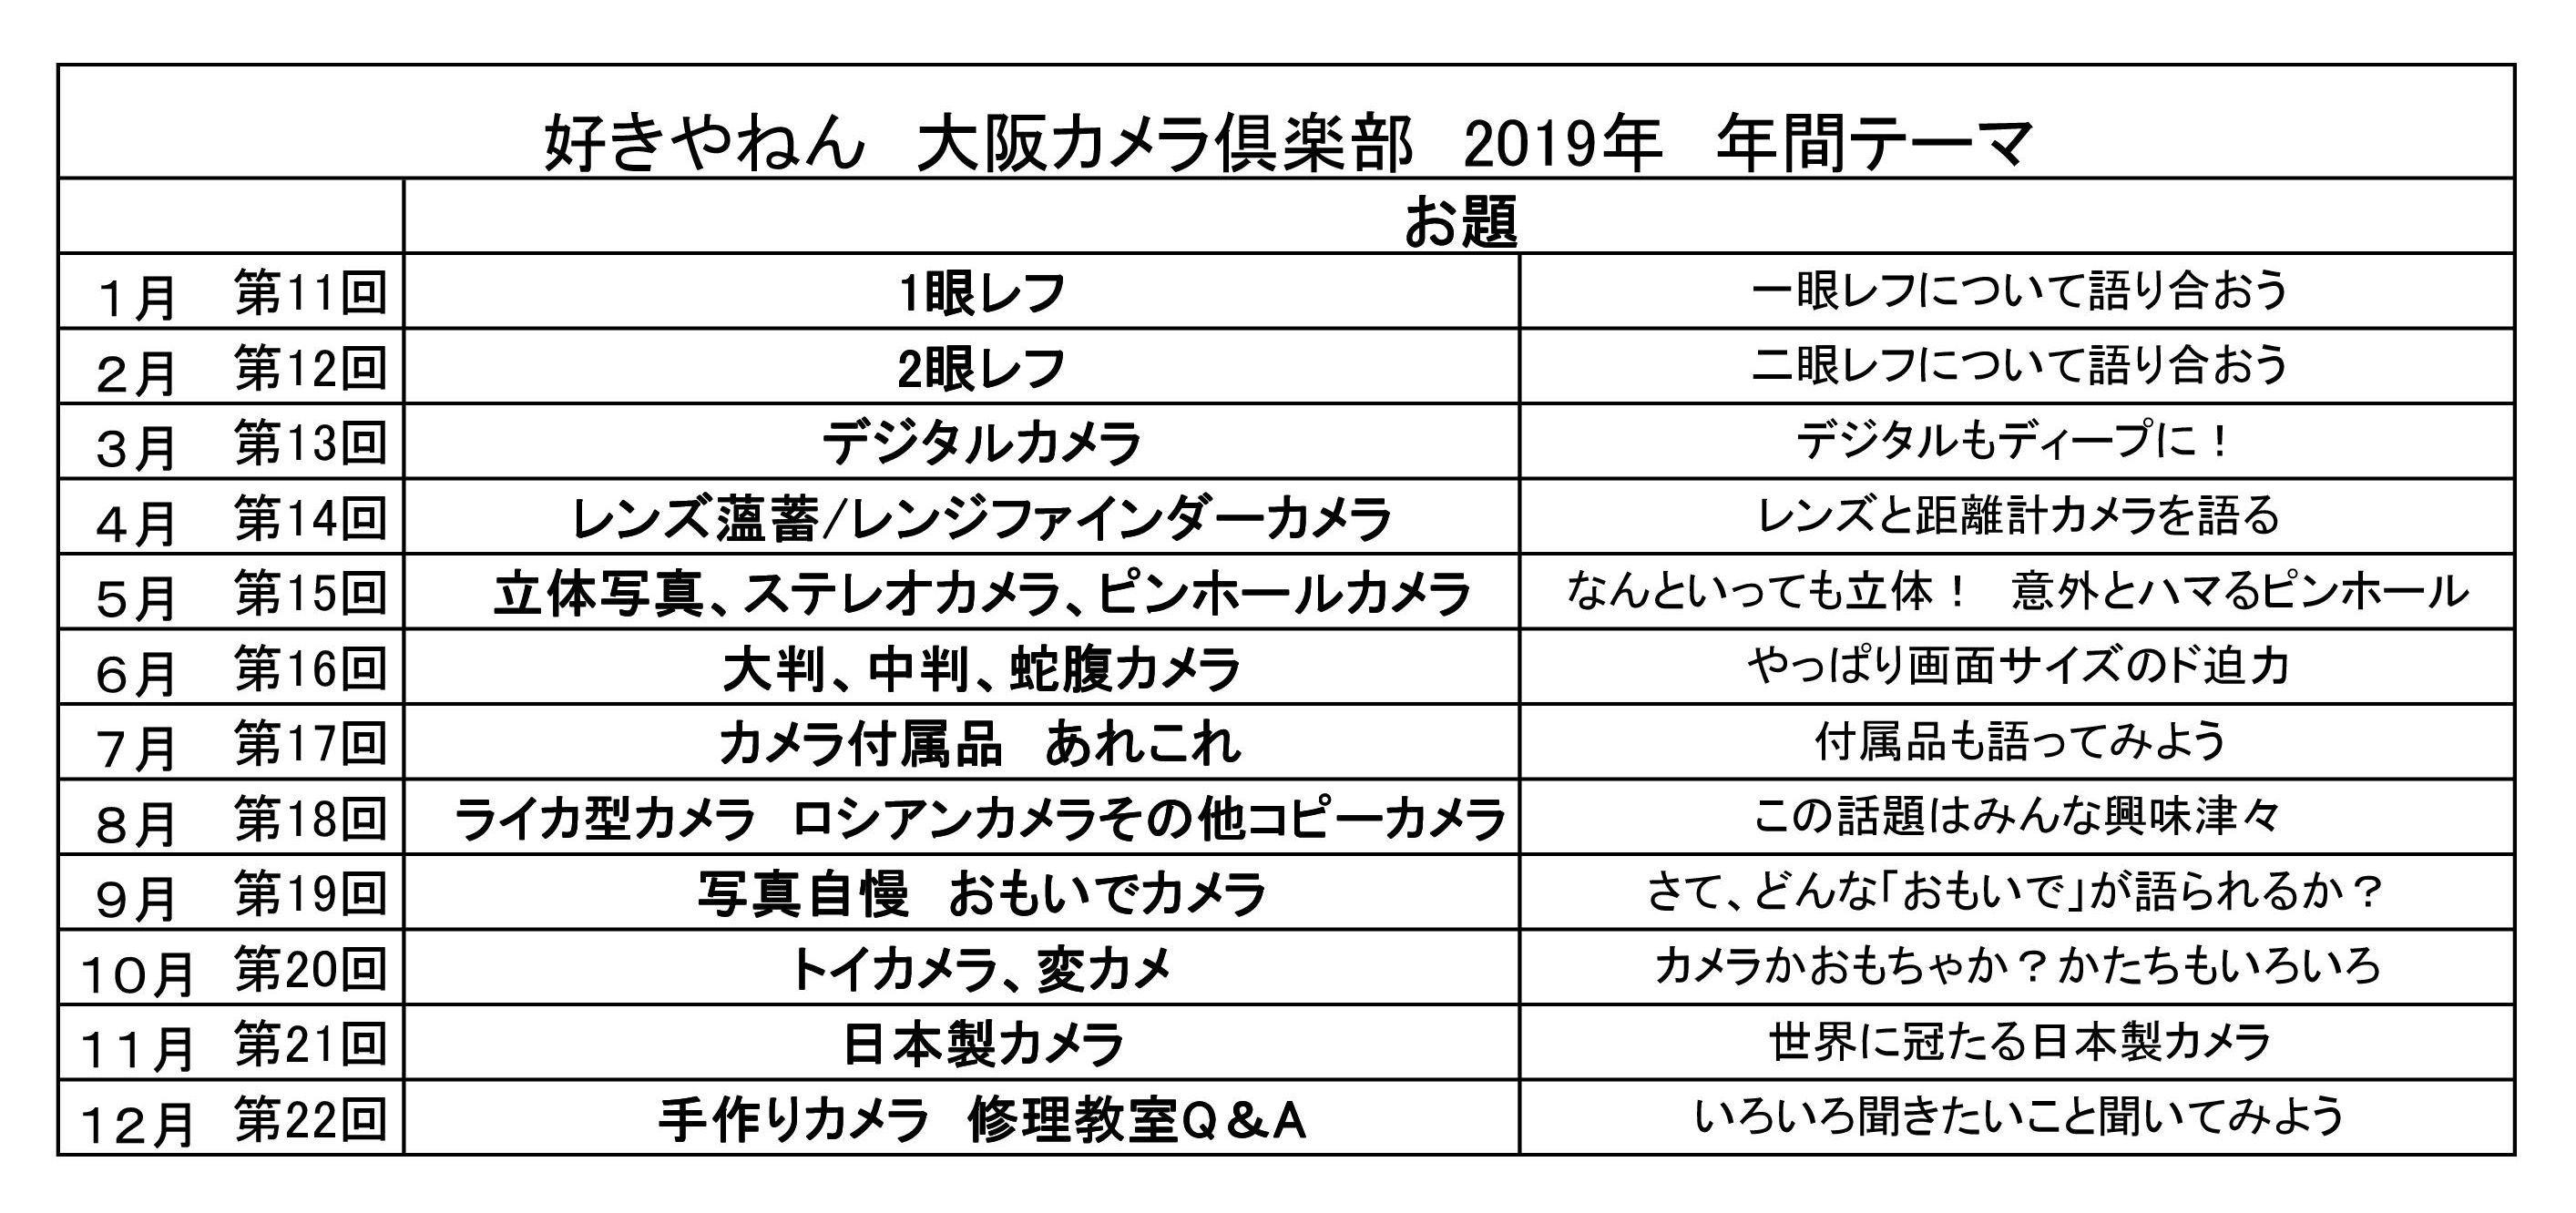 第10回 好きやねん大阪カメラ倶楽部 例会報告_d0138130_18453987.jpg